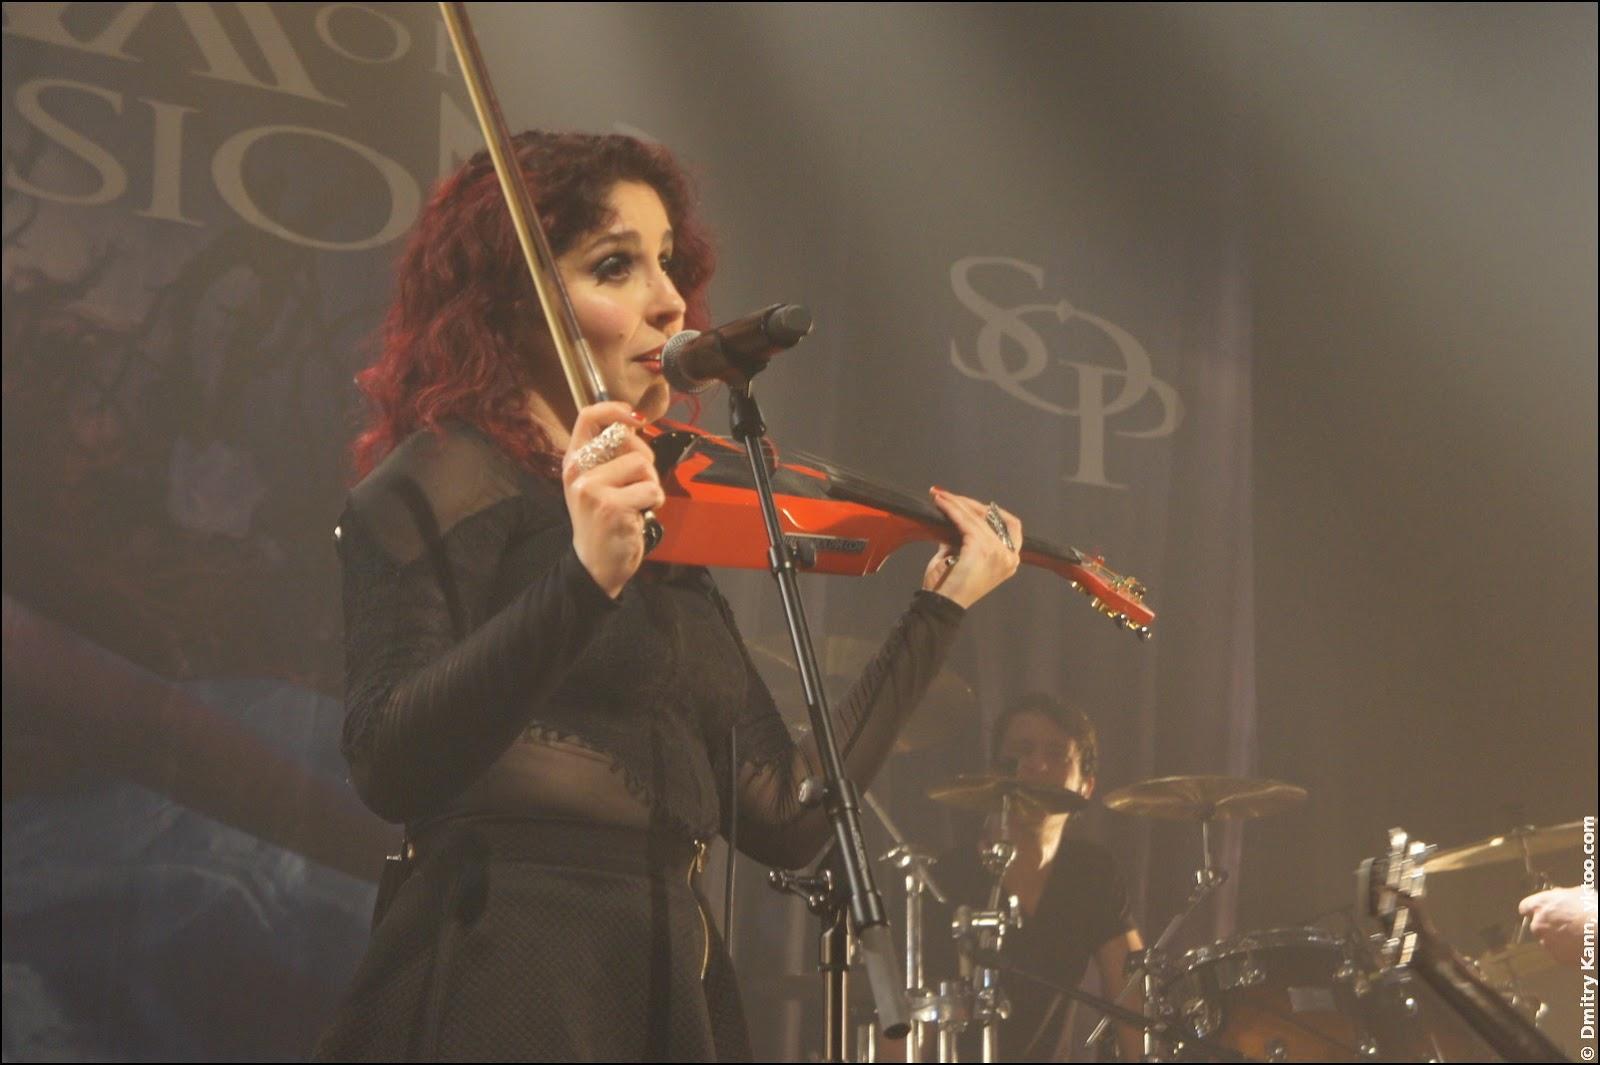 Marcela Bovio with her violin.